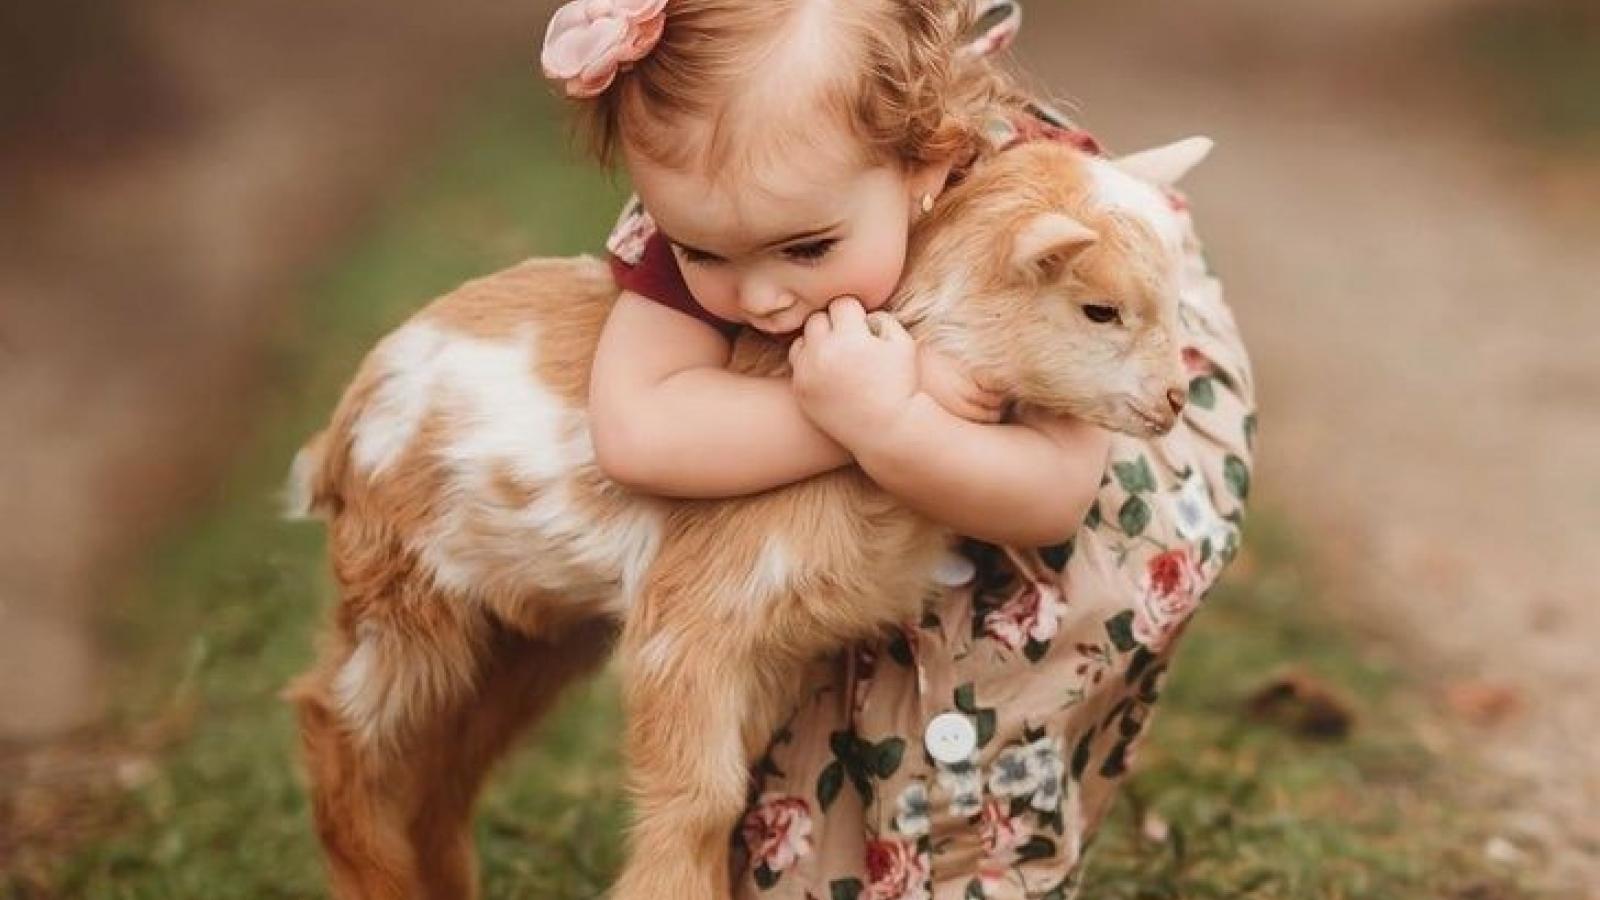 Tan chảy với bộ ảnh tuyệt đẹp về trẻ em bên thú cưng